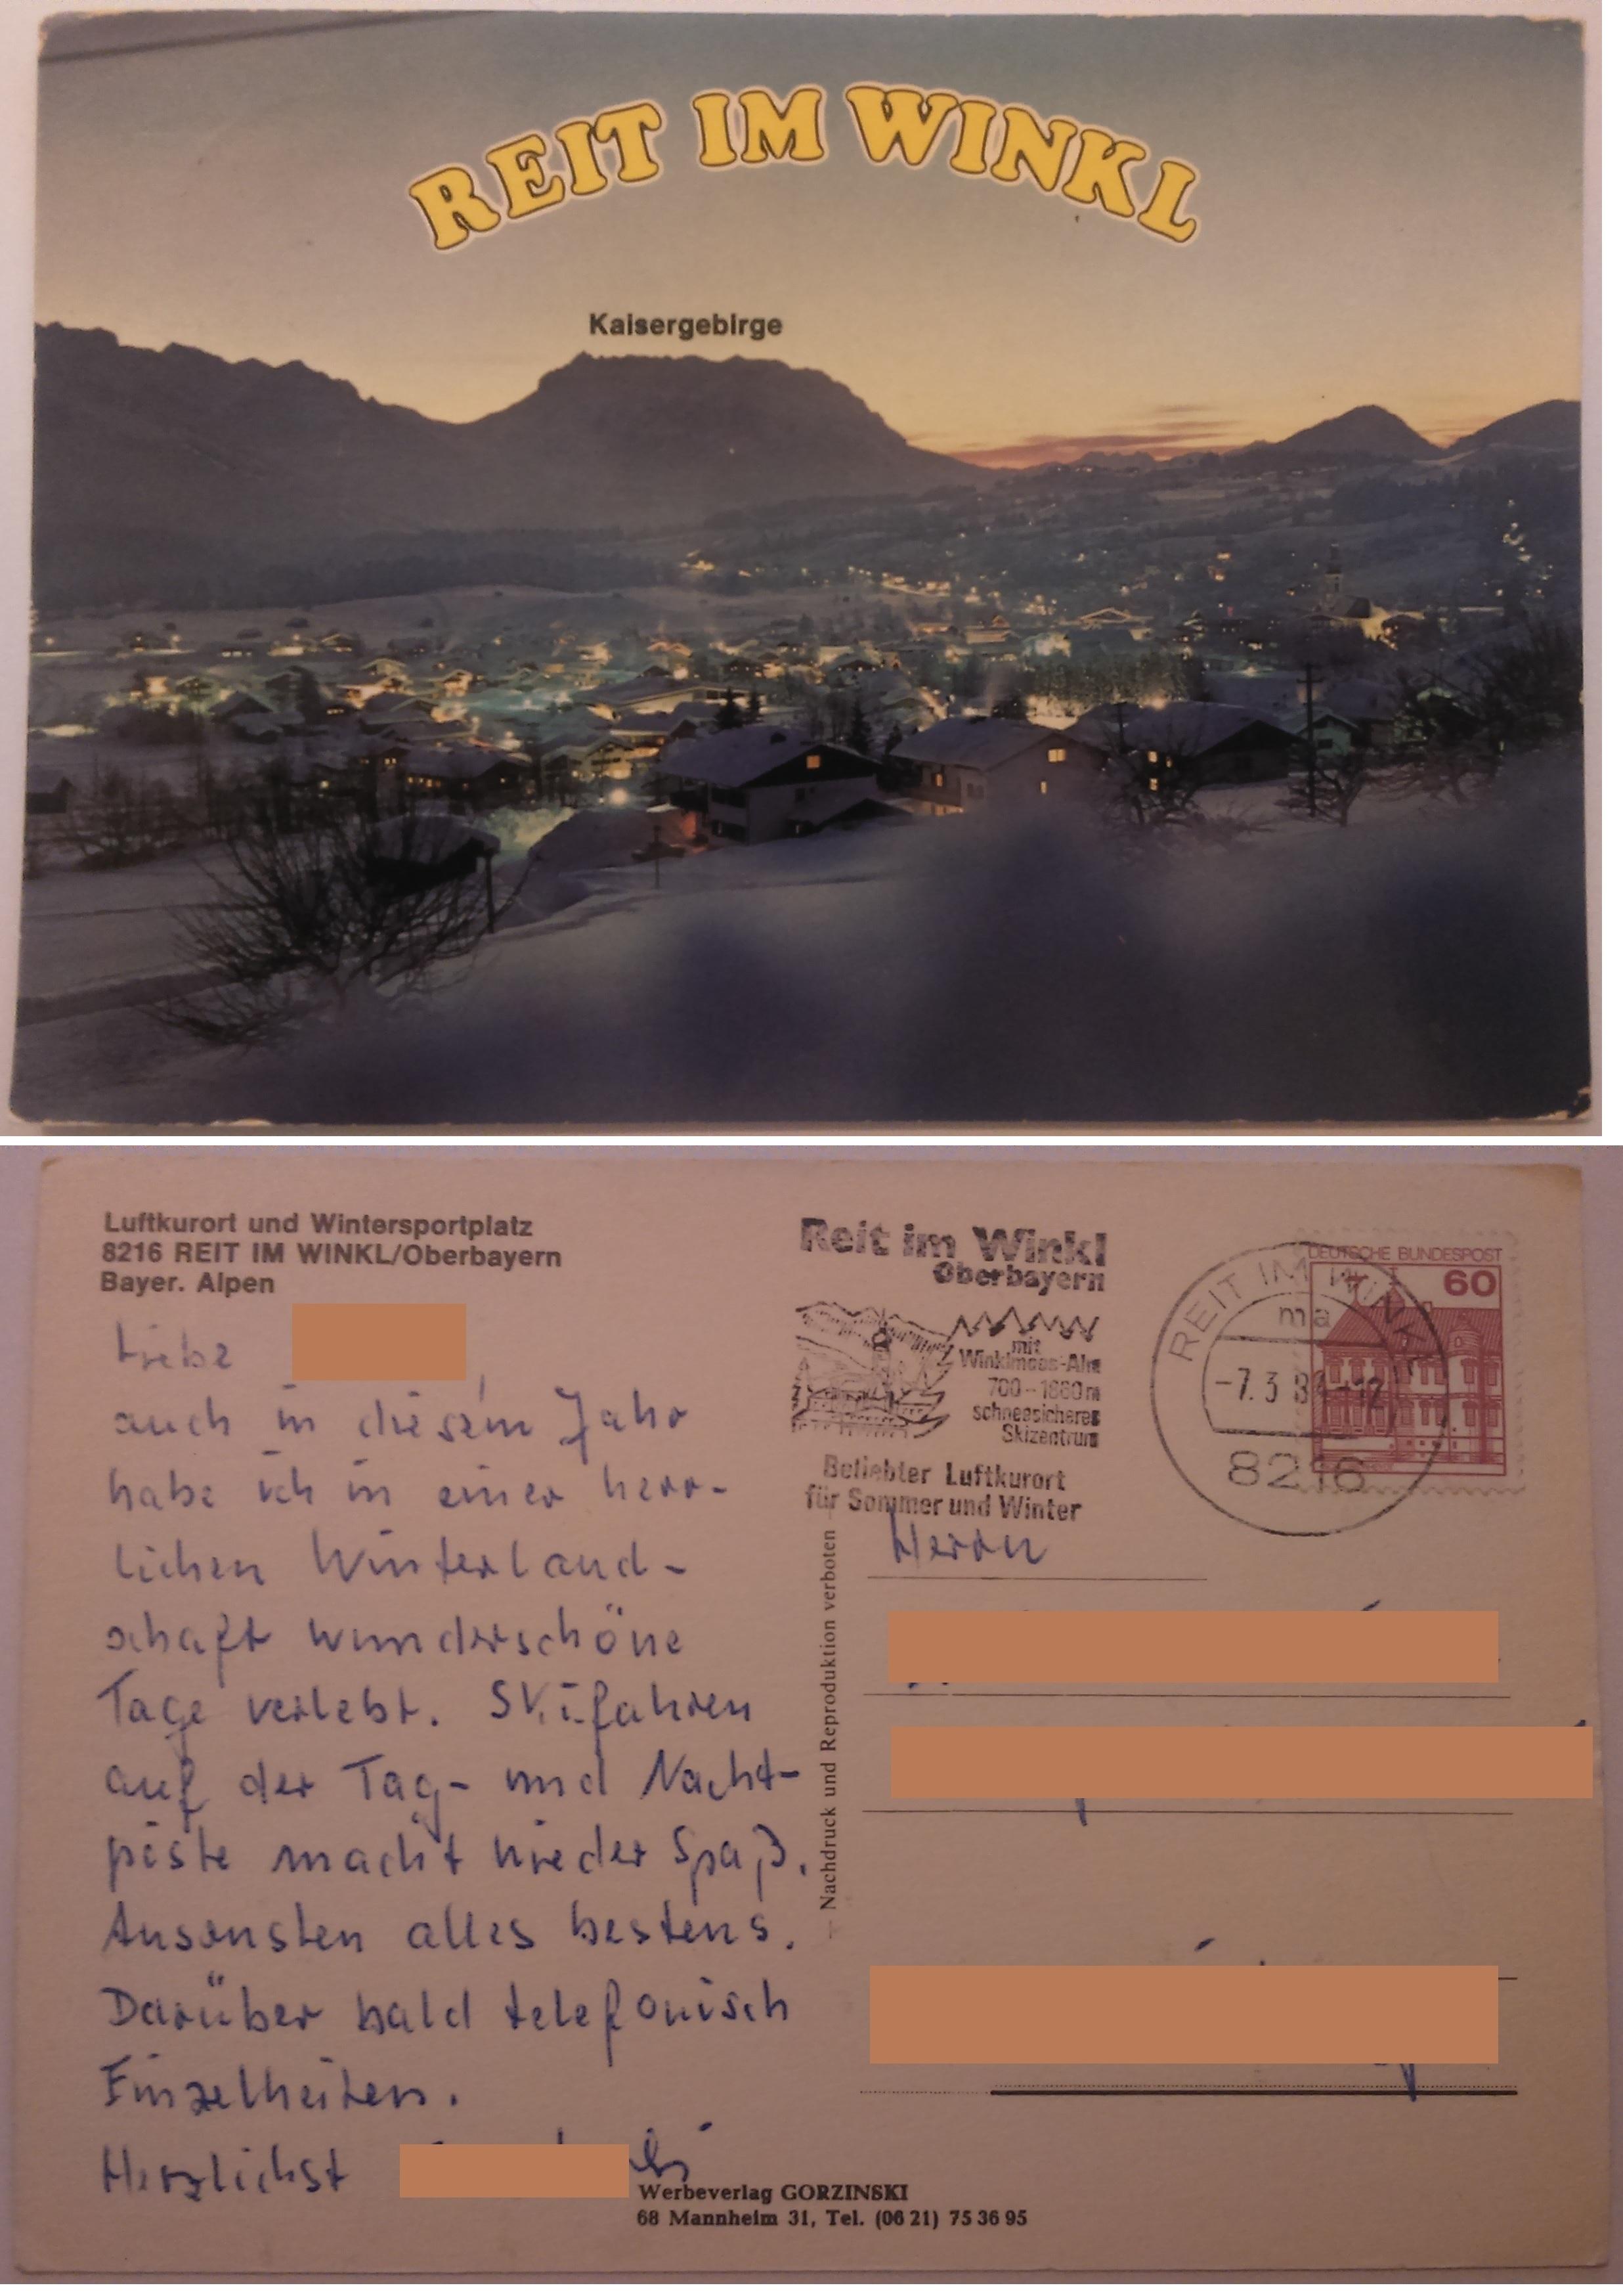 Luftkurort und Wintersportplatz Reit Im Winkl Oberbayern (07.03.1984) both